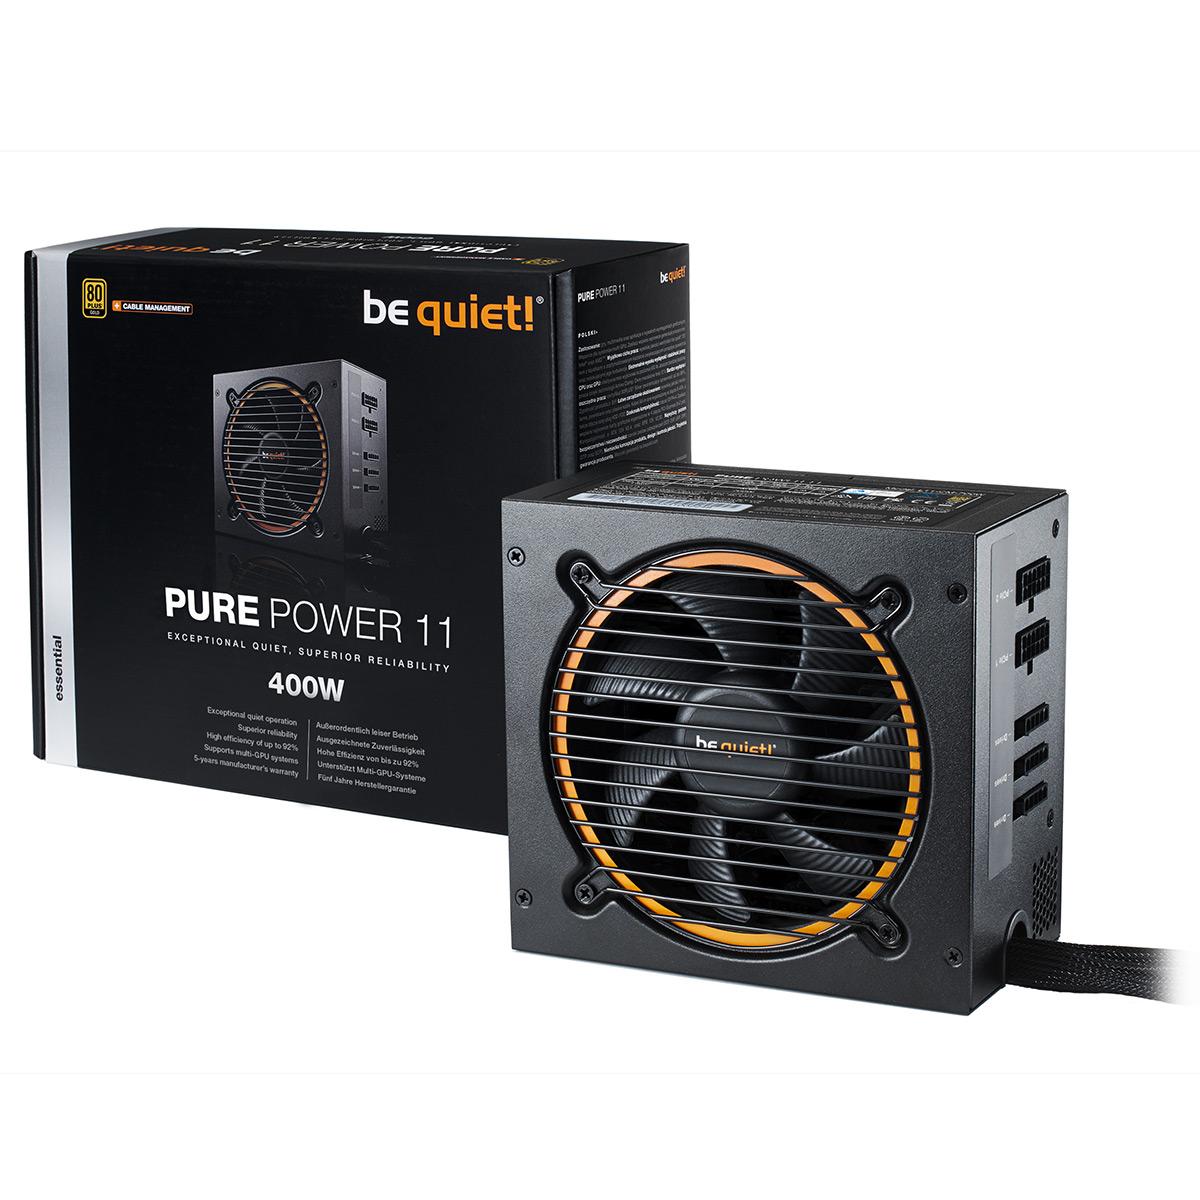 Alimentation PC be quiet! Pure Power 11 400W CM 80PLUS Gold Alimentation modulaire 400W ATX 12V 2.4 (Garantie 5 ans constructeur) - 80PLUS Gold